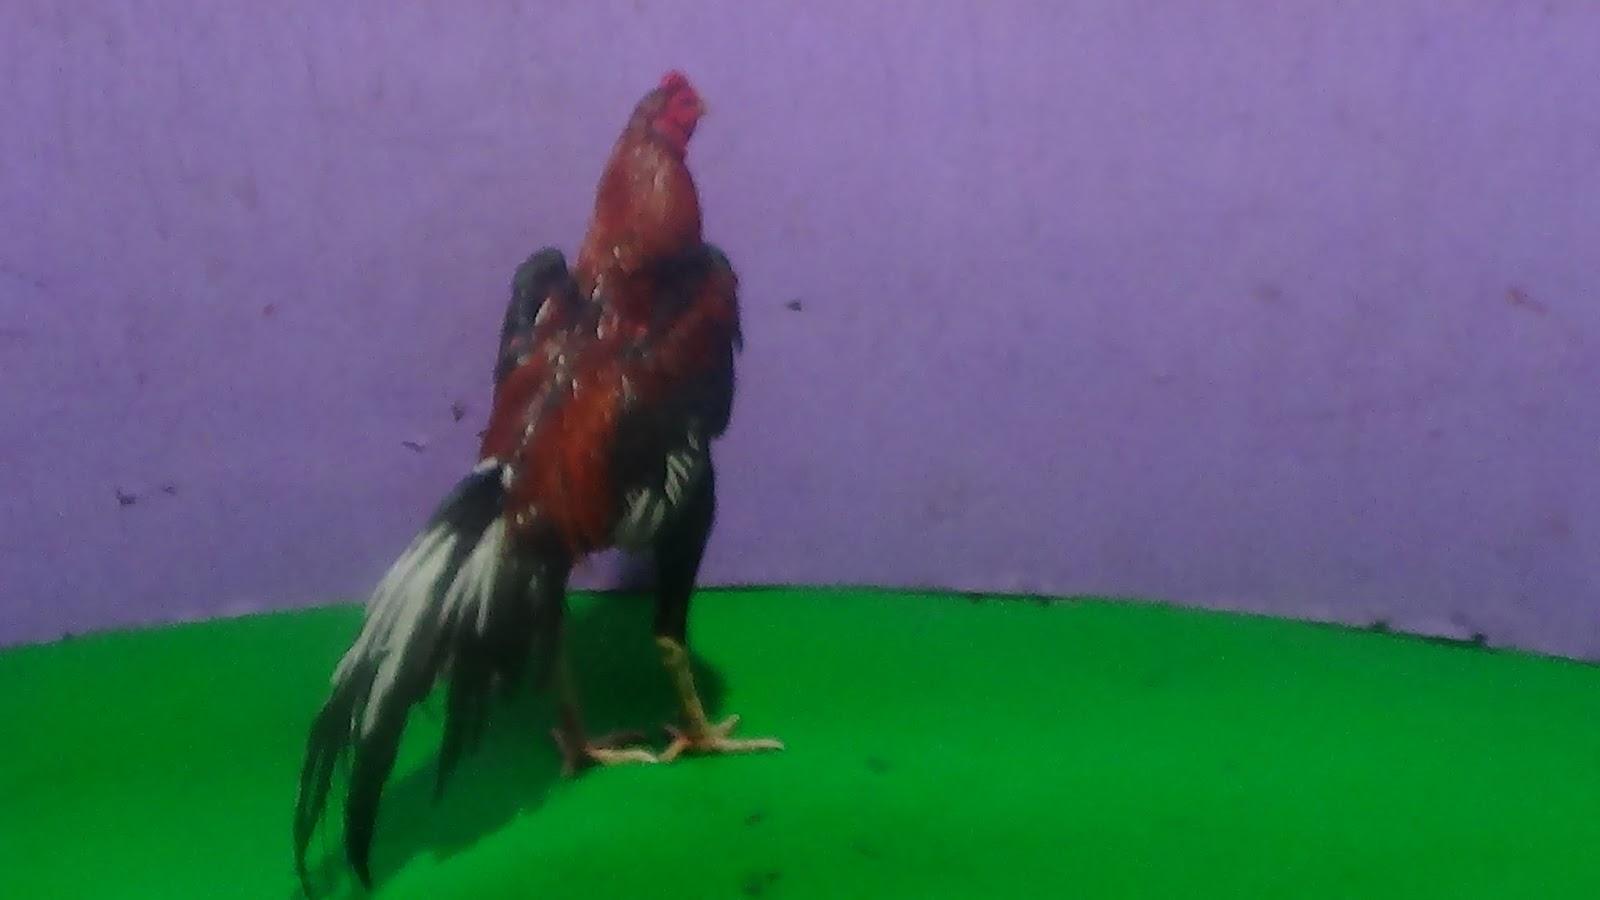 Ayam Petarung Jogjakarta Gatot Kaca Vi Pukul Mati